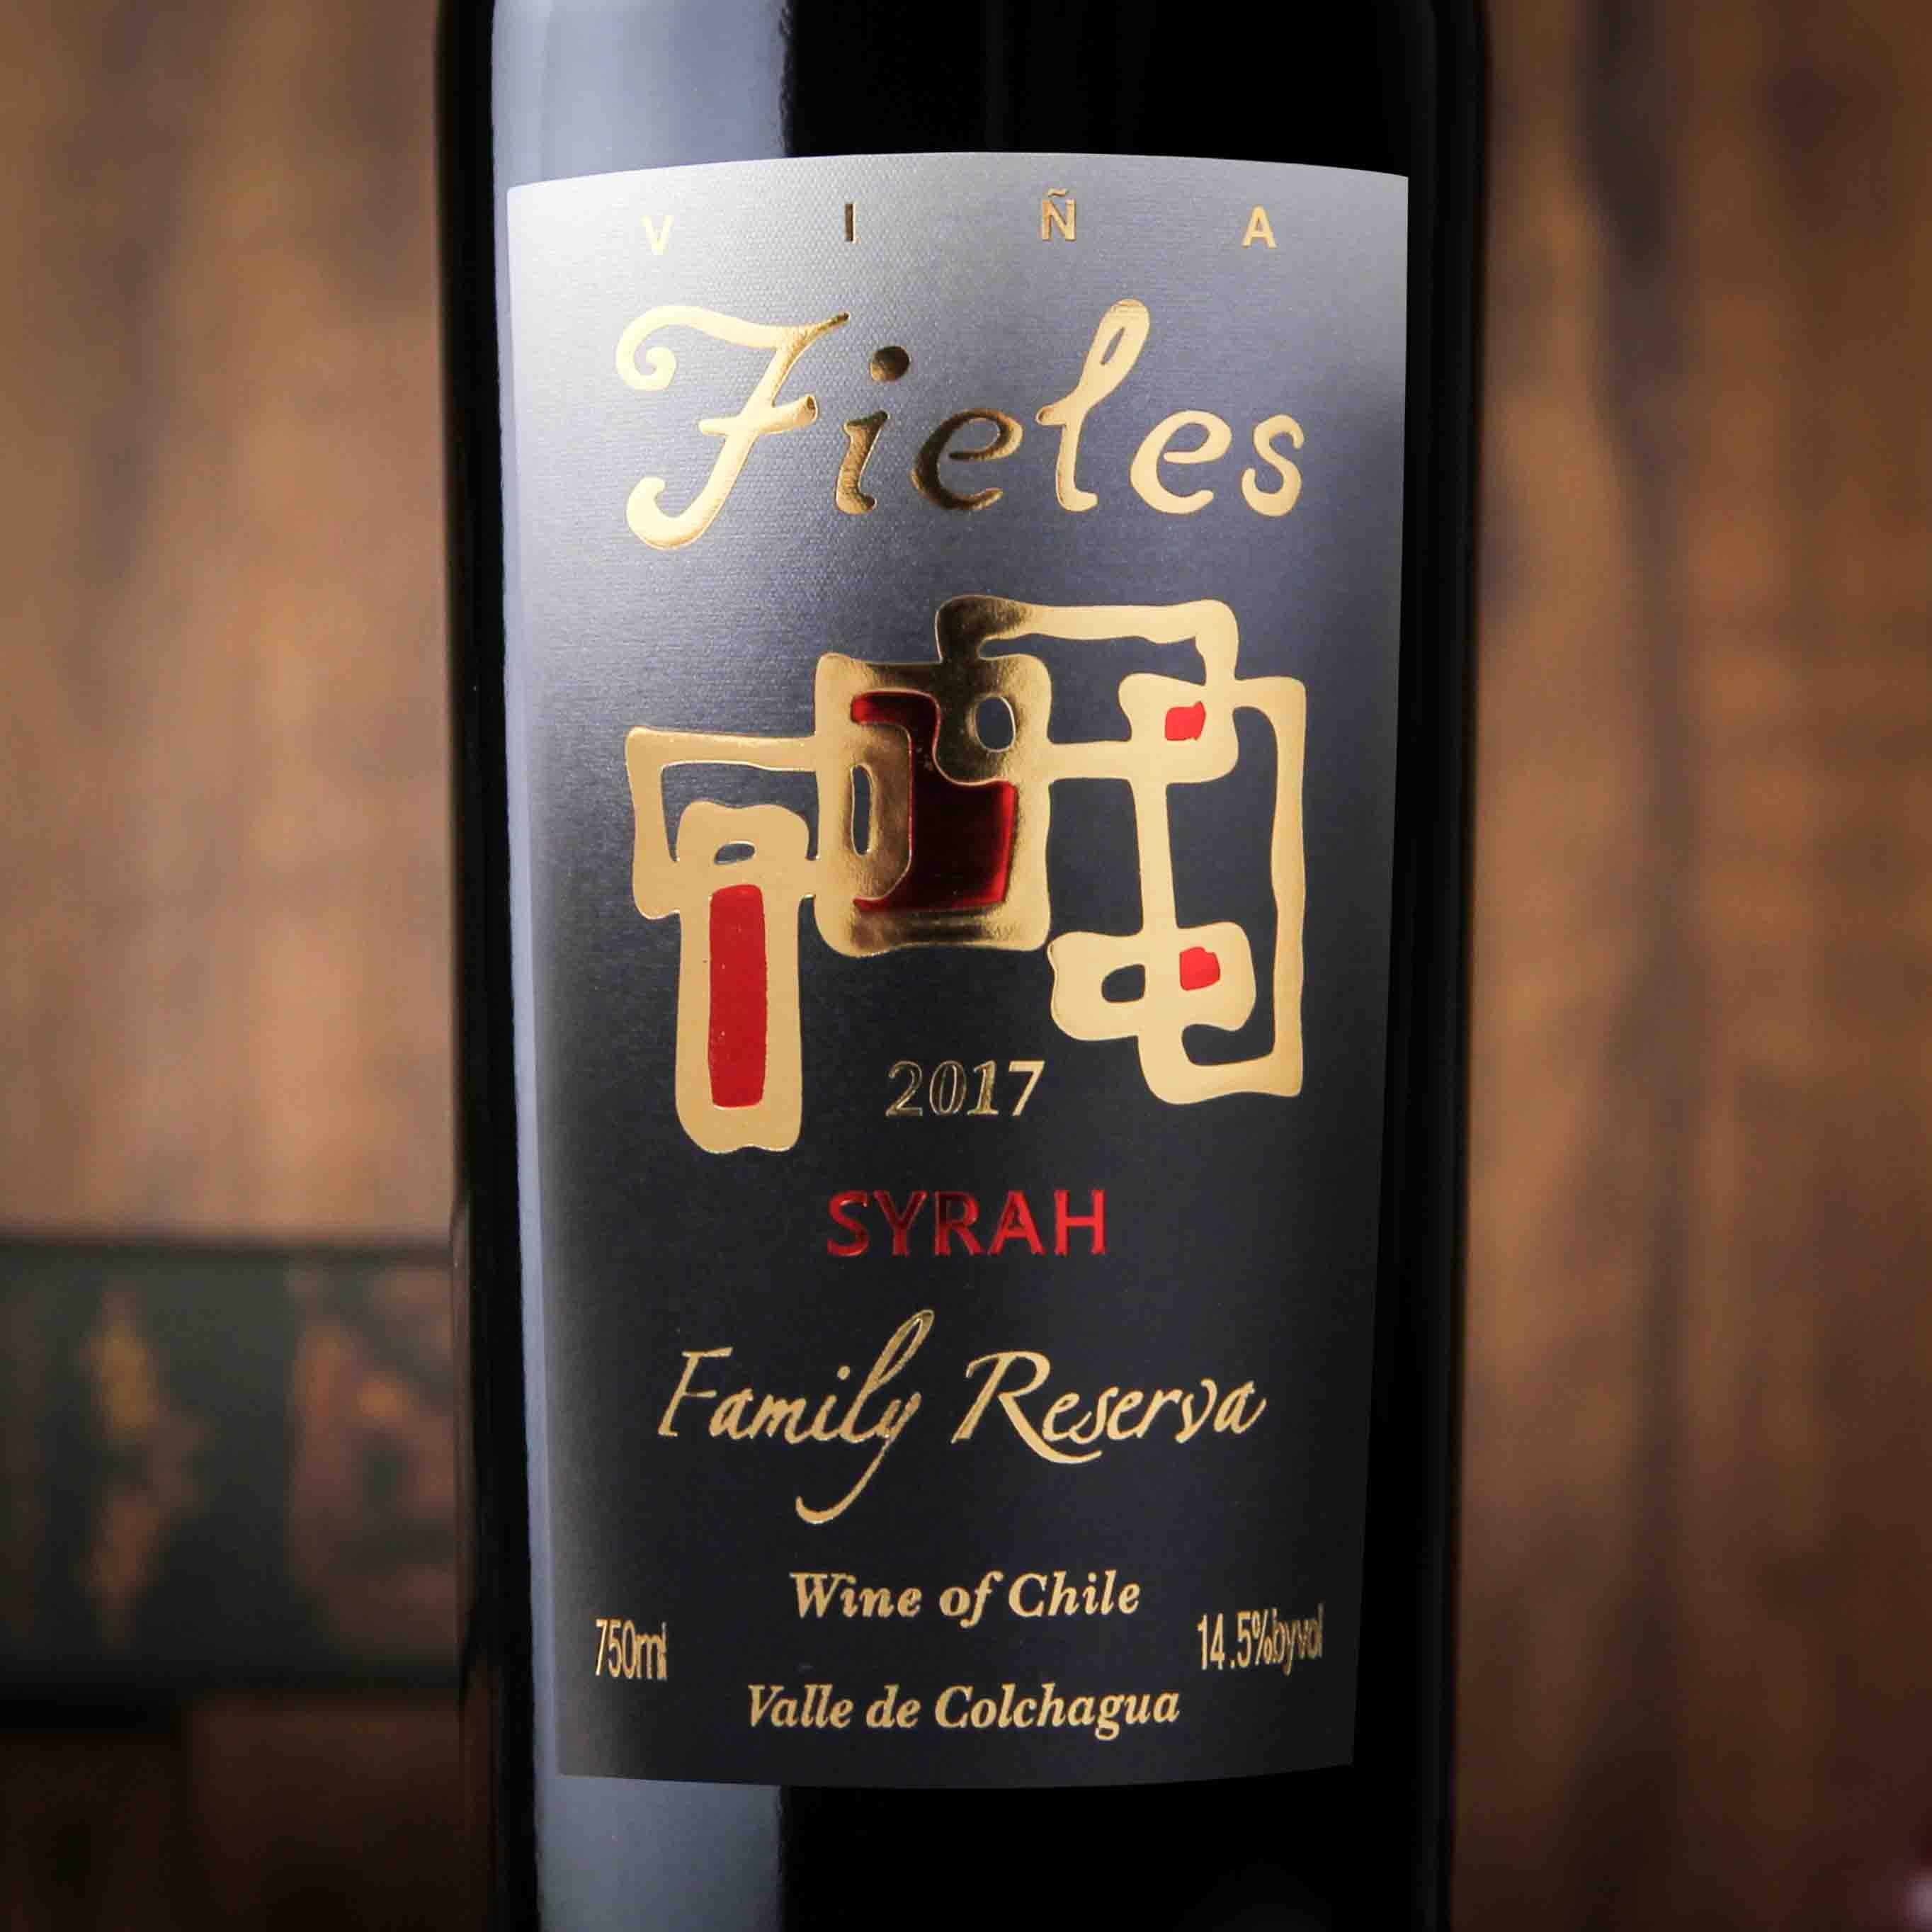 智利科尓查瓜谷菲利斯家族珍藏西拉红葡萄酒